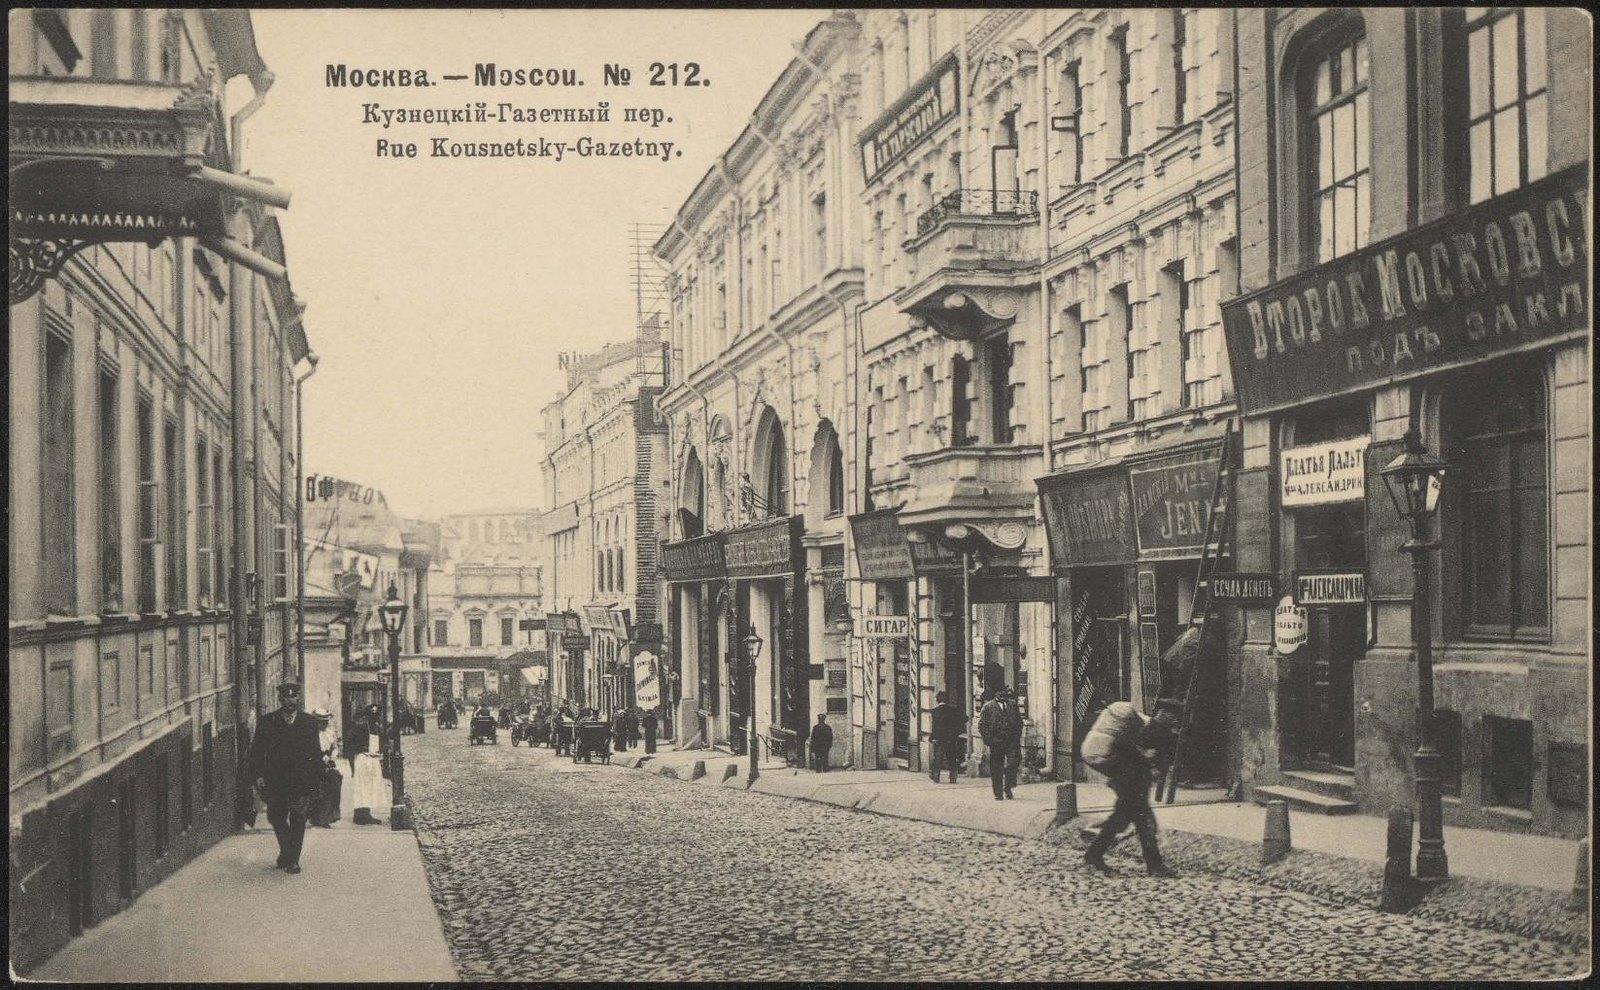 Кузнецкий-Газетный переулок